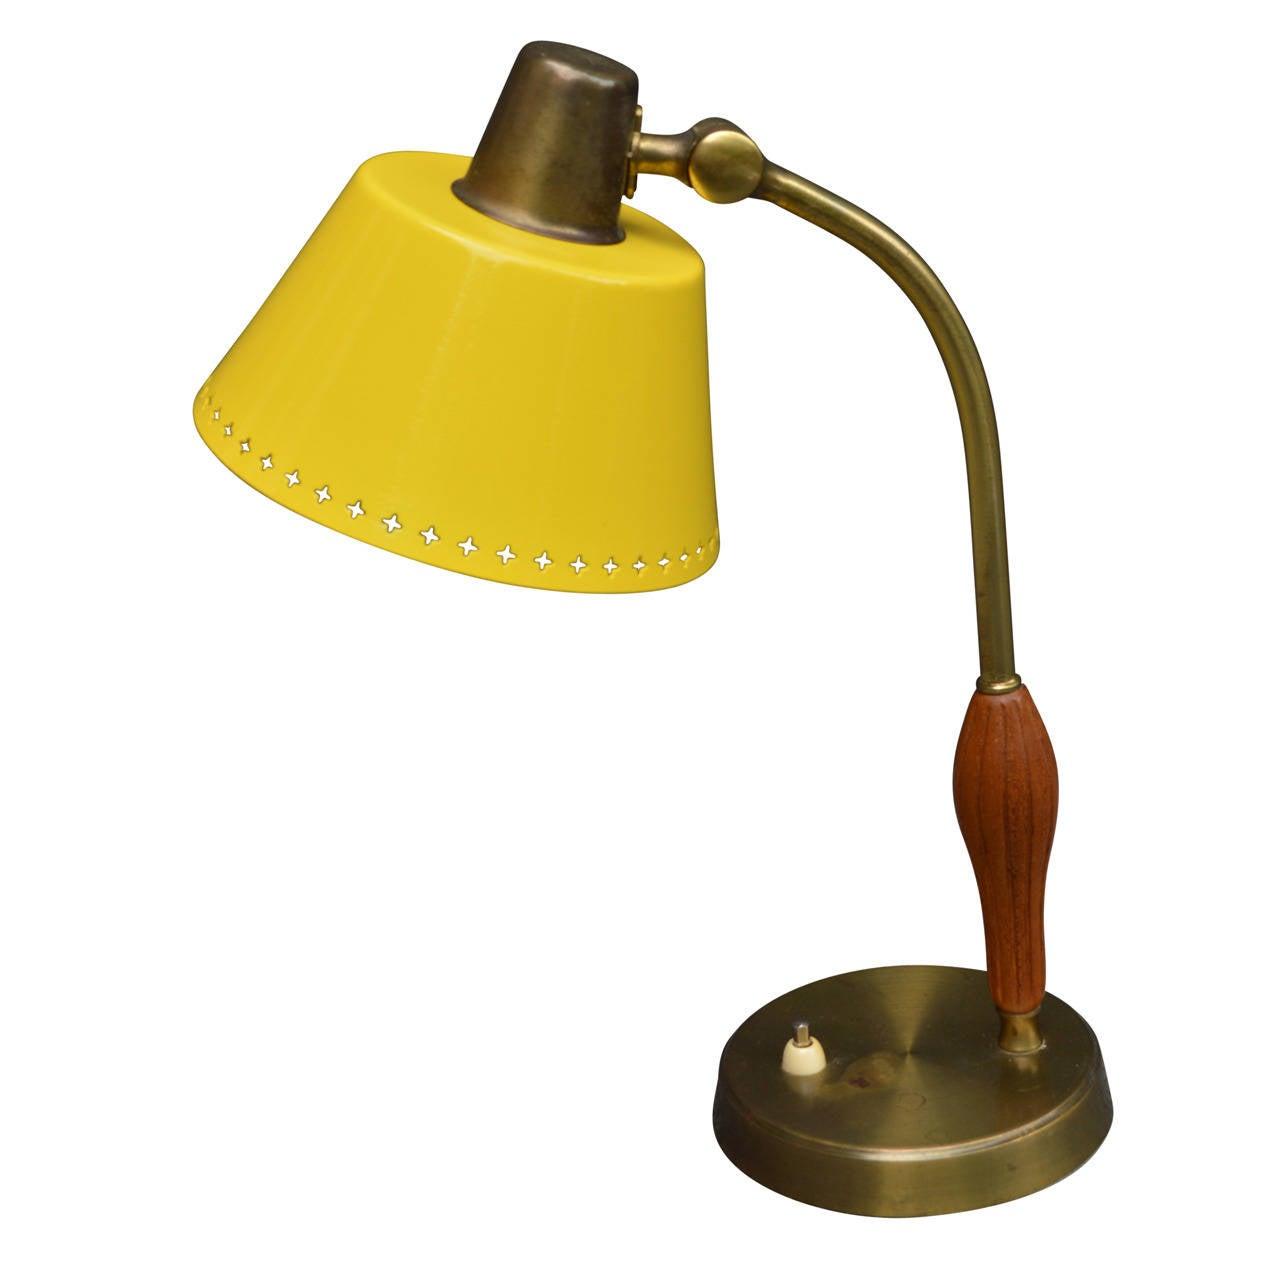 swedish mid century desk lamp for sale at 1stdibs. Black Bedroom Furniture Sets. Home Design Ideas